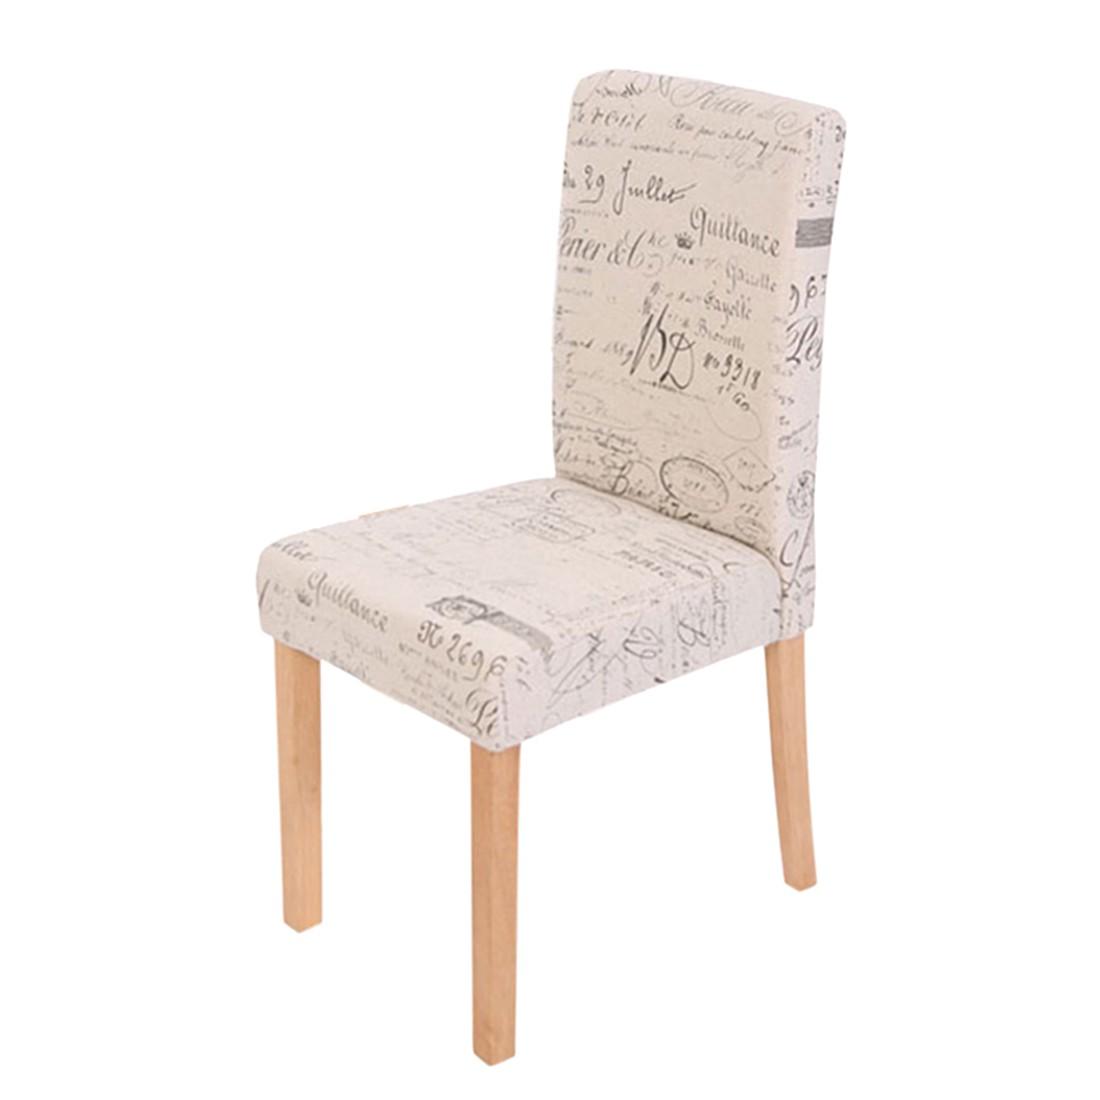 Esszimmerstuhl Littau (4er-Set) – Textil mit Schriftzug – creme – helle Beine, Mendler jetzt bestellen